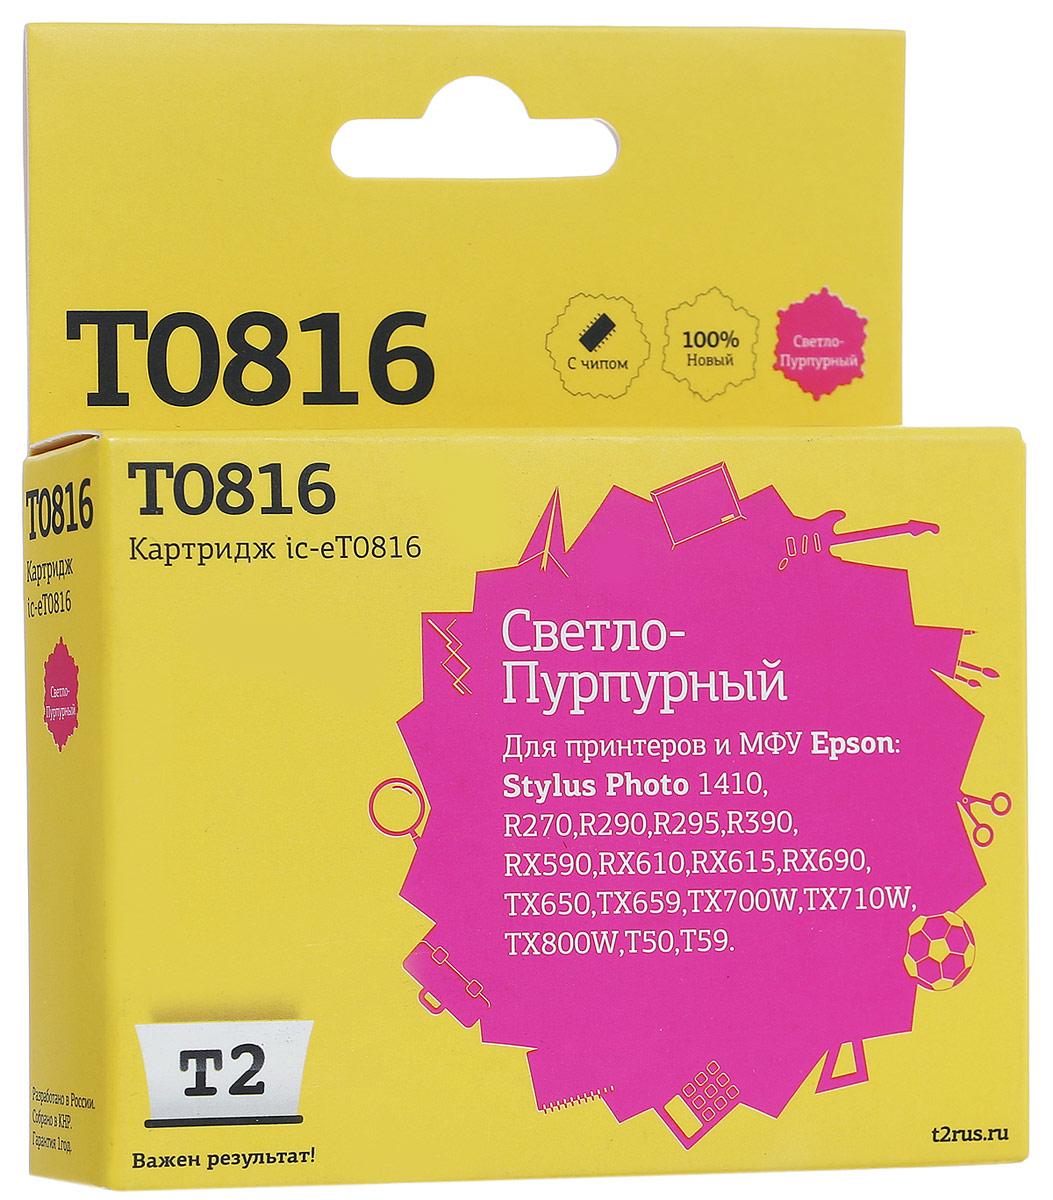 T2 IC-ET0816 (аналог T08164A), Light Magenta картридж для Epson Stylus Photo R270R/290/R390/RX690/TX700IC-ET0816Картридж Т2 IC-ET0816 (аналог T08164A) собран из дорогих японских комплектующих, протестирован по стандартам STMC и ISO. Специалисты завода следят за всеми аспектами сборки, вплоть до крутящего момента при закручивании винтов. С каждого картриджа на заводе делаются тестовые отпечатки.Каждая модель проходит умопомрачительно тщательную проверку на градиенты, фантомные изображения, ровность заливки и общее качество картинки.